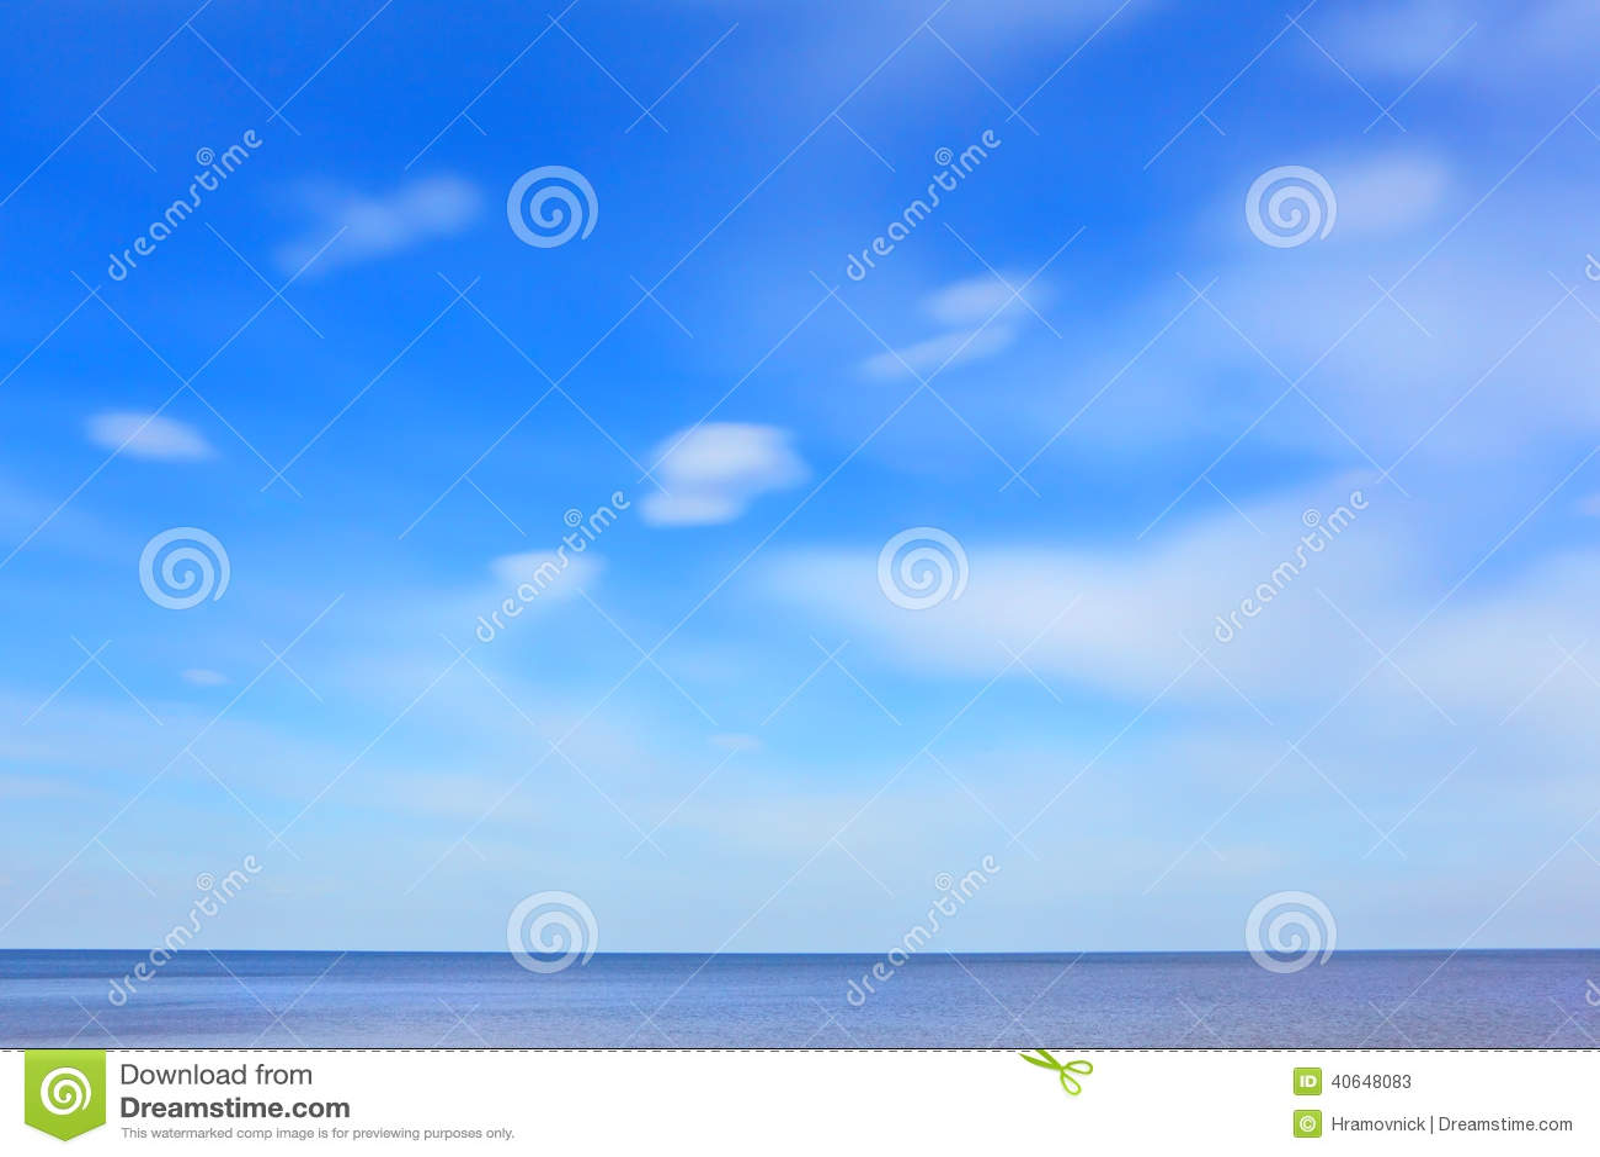 Blå havssky